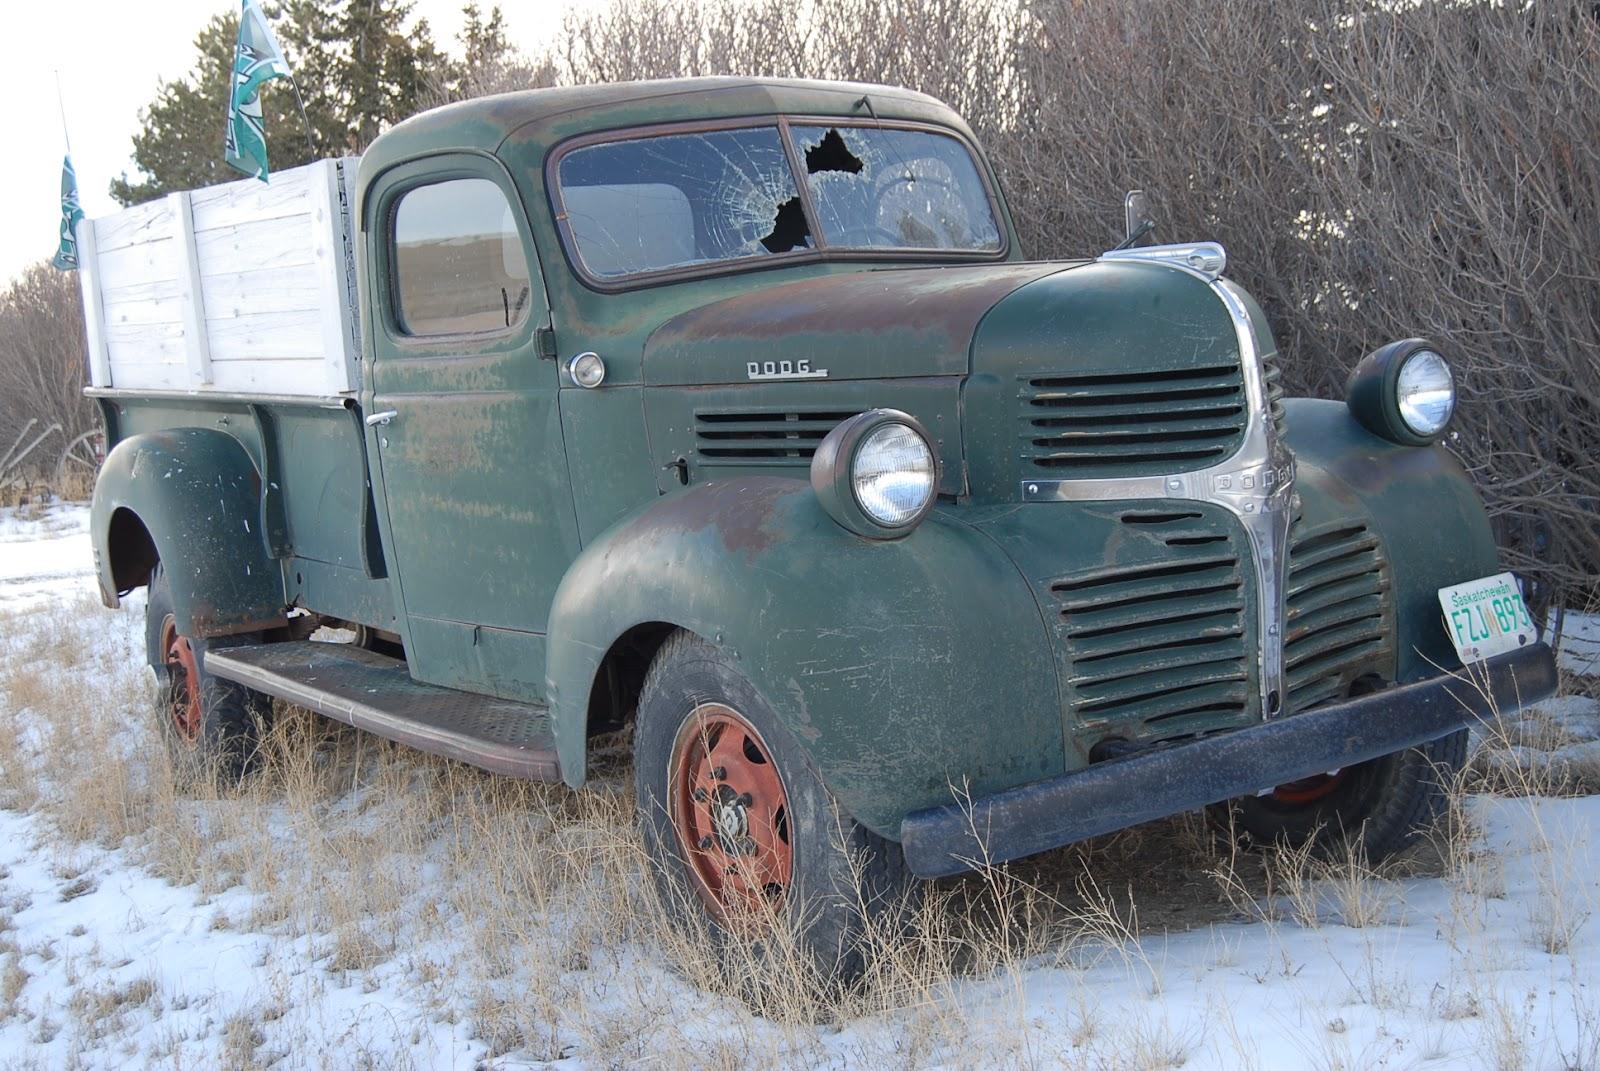 Autoliterate Vintage Dodge Truck In Saskatchewan